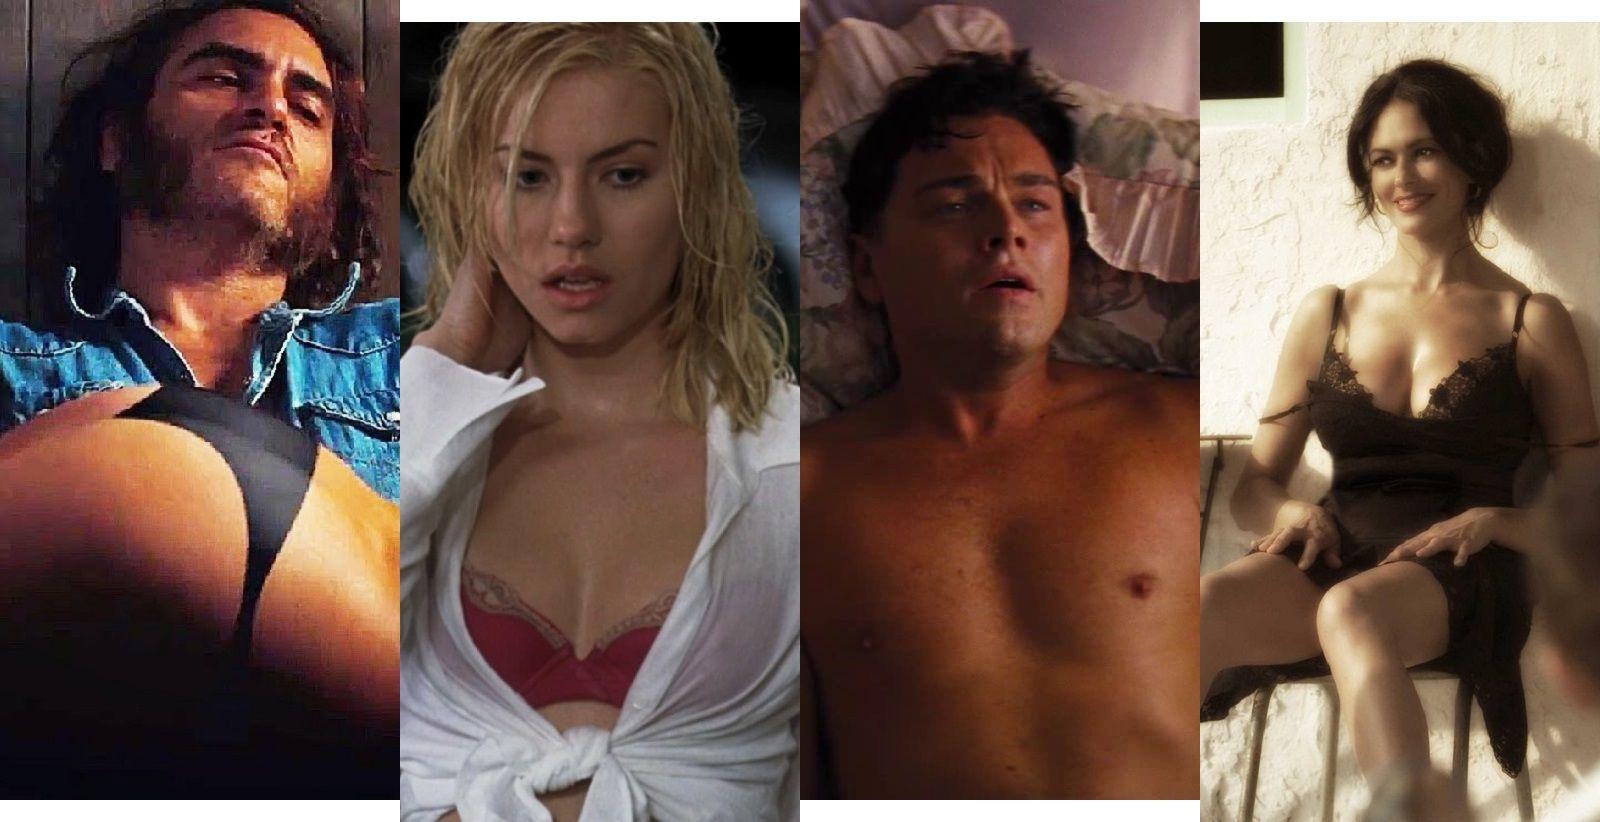 Peliculas Eroticas No Porno Para Ver En Pareja las mejores películas para adultos disponibles en streaming